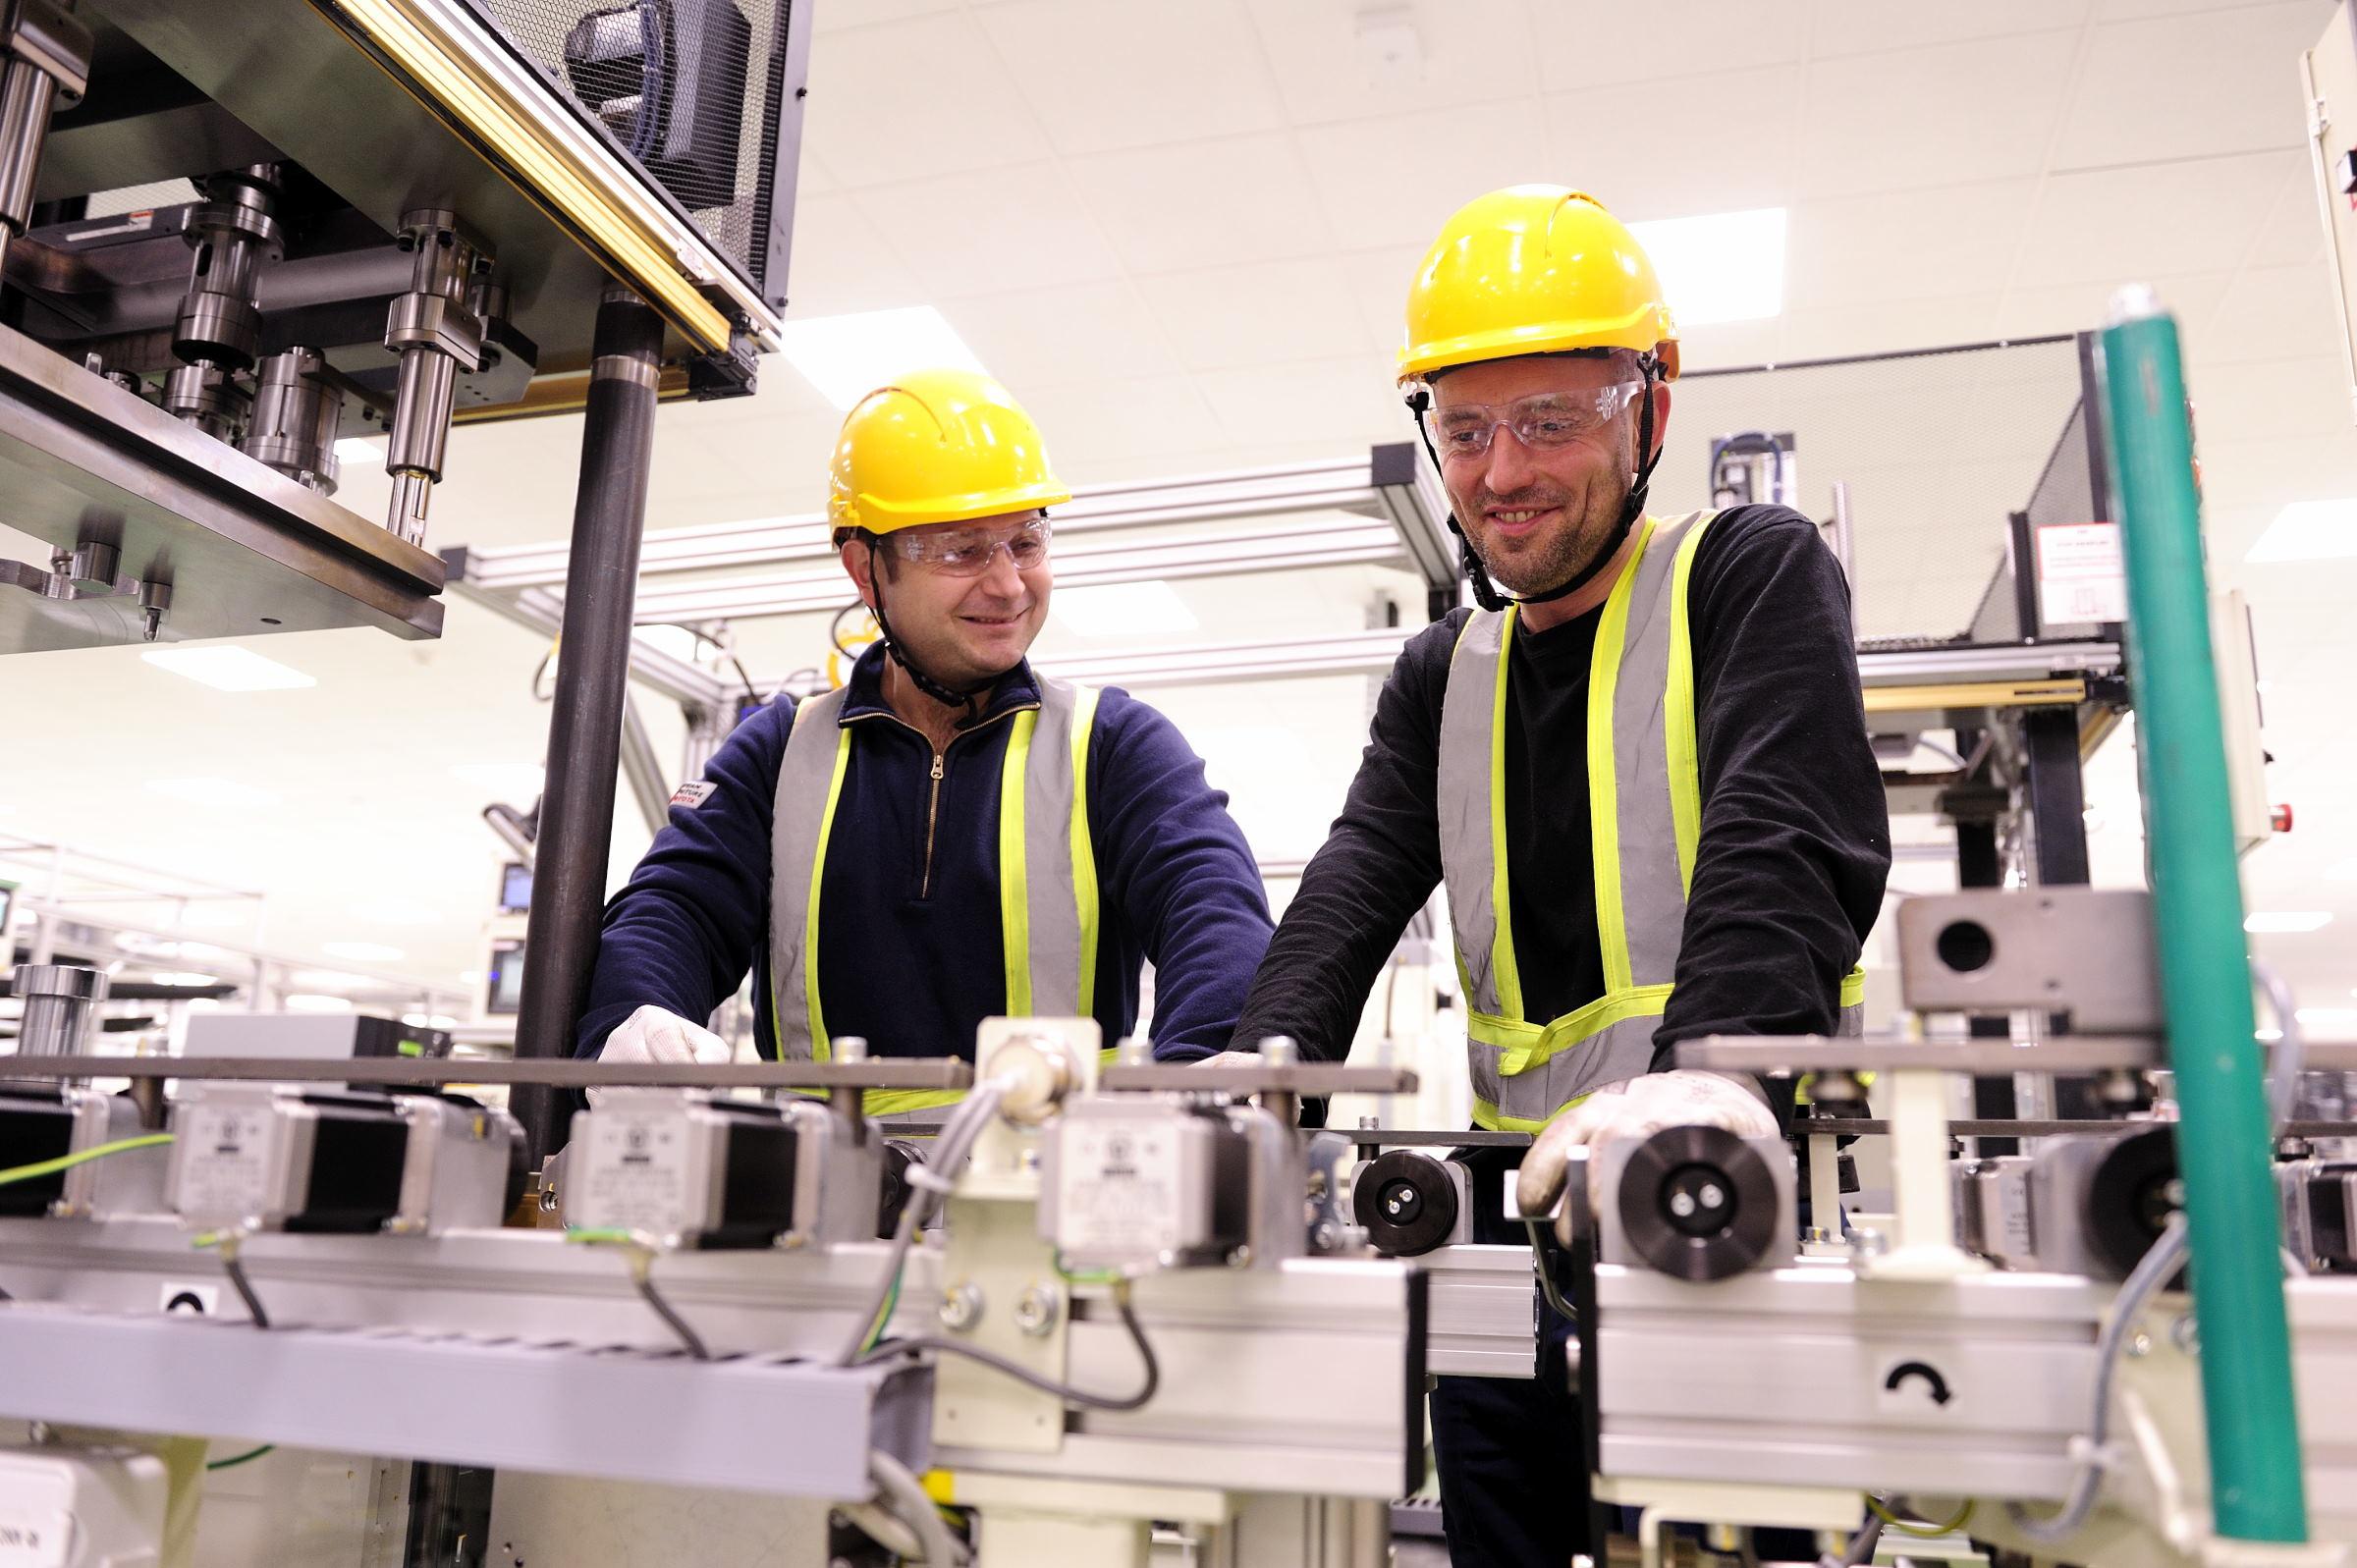 - Niezwykle ważna jest również możliwość rozwoju zawodowego oraz koleżeńska atmosfera pracy panująca w Toyocie - dodaje Grzegorz Górski, manager general Affairs. (fot. toyotapl.com)